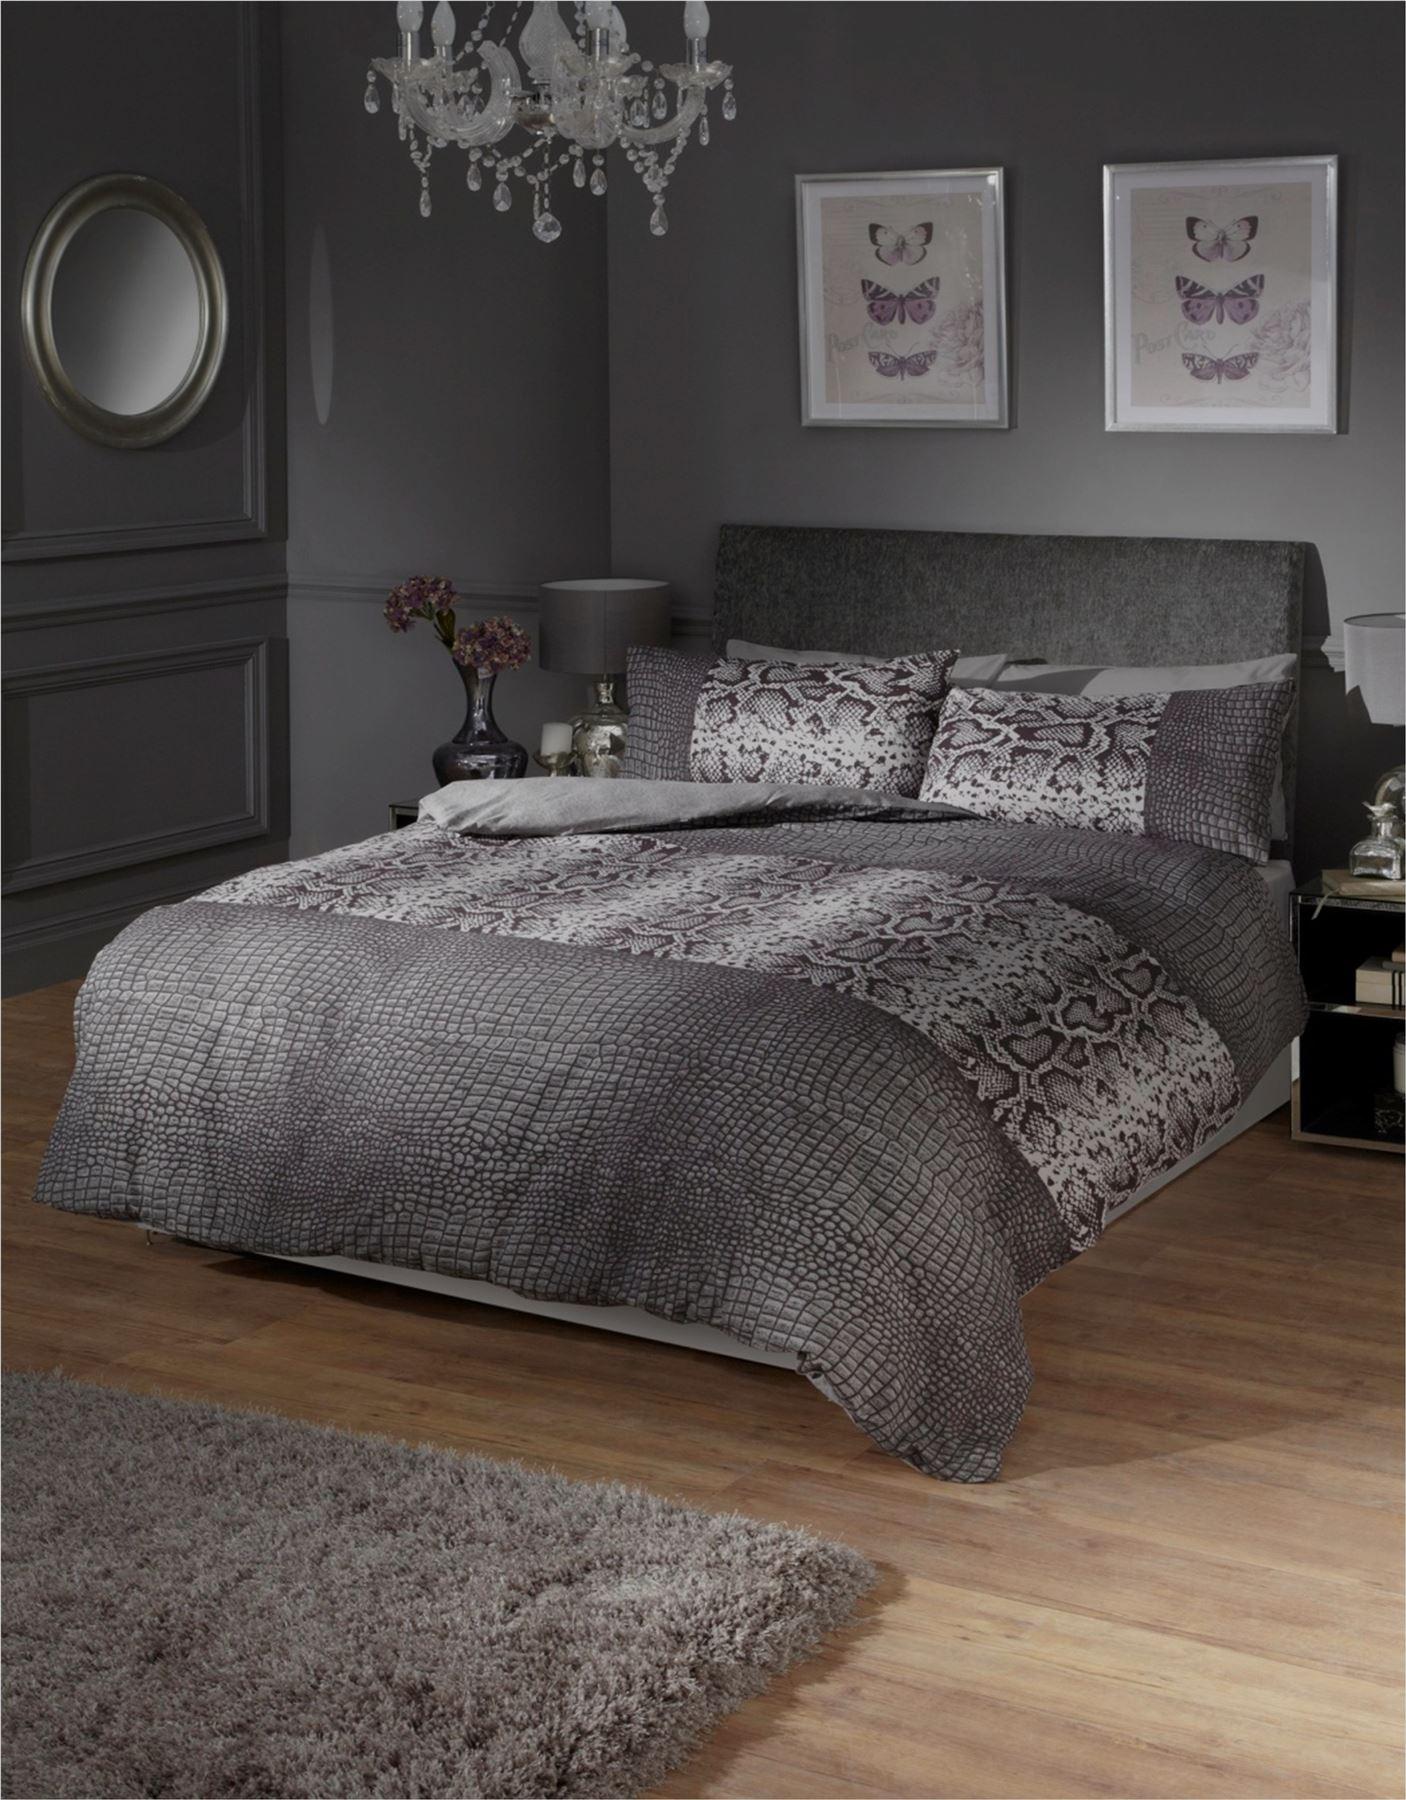 black and grey snake skin style quilt duvet cover  pillowcase  - blackandgreysnakeskinstylequiltduvet